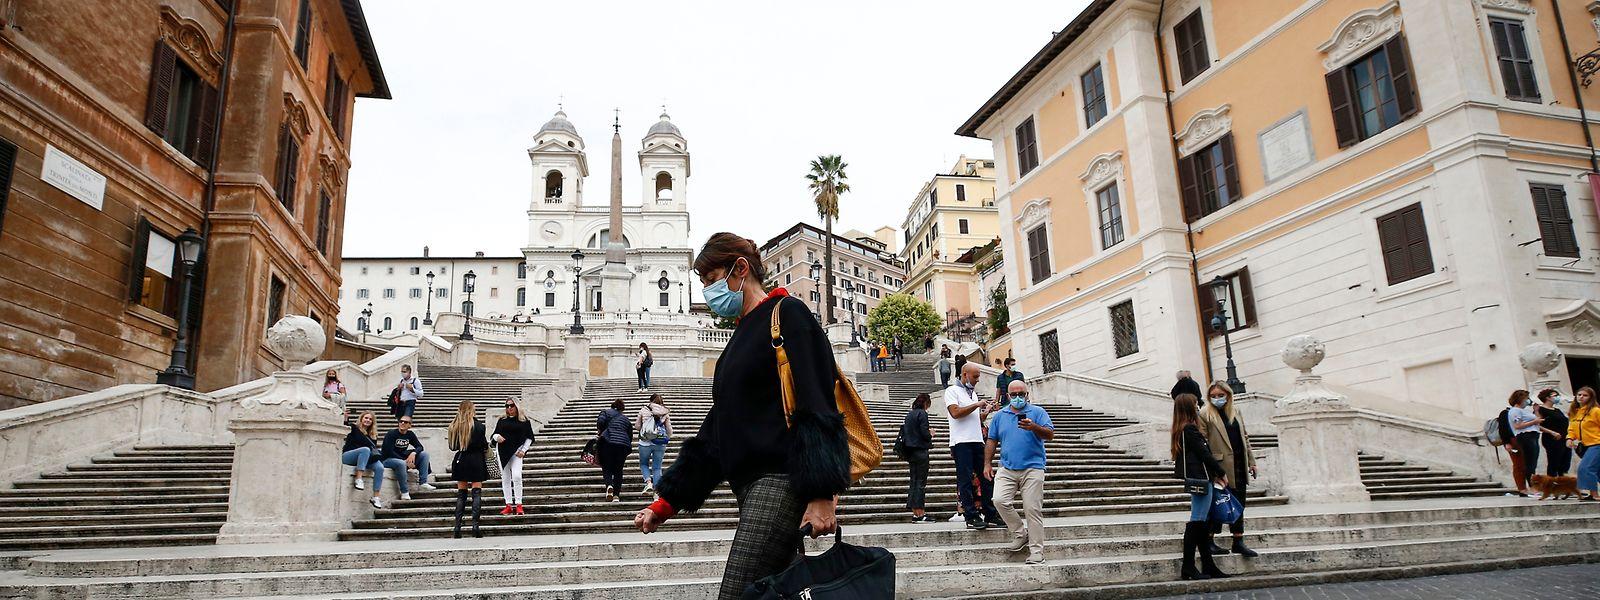 Italien führt wieder eine Maskenpflicht im Freien ein.